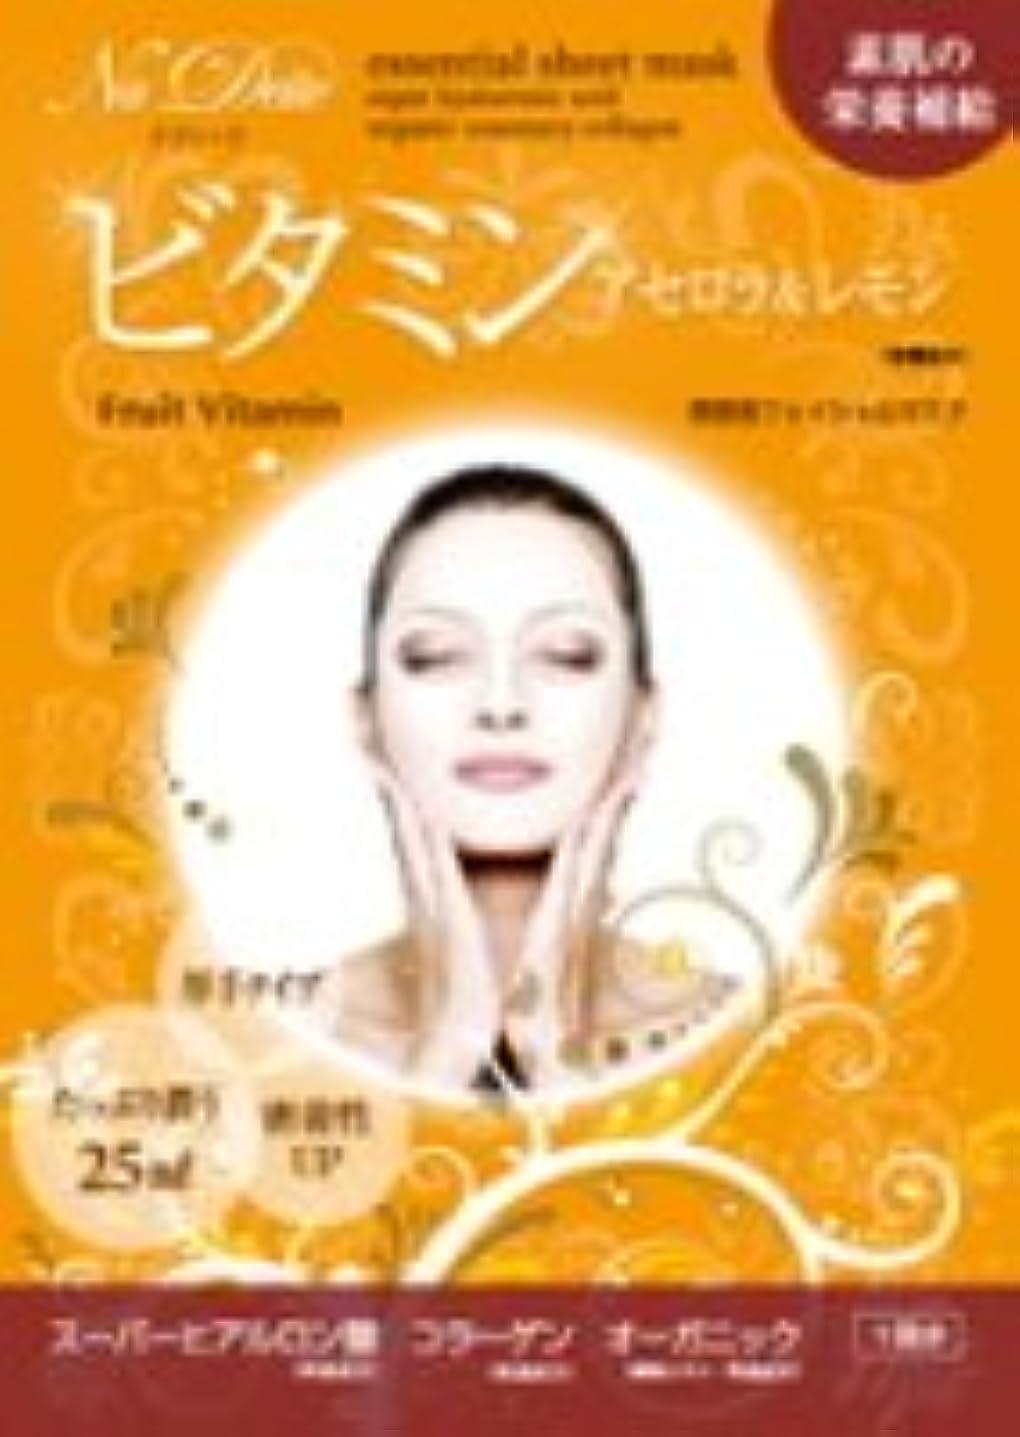 オープナー集まる反動フェイスマスクシリーズ「ナディーテ」エッセンスシートマスク(ビタミン)